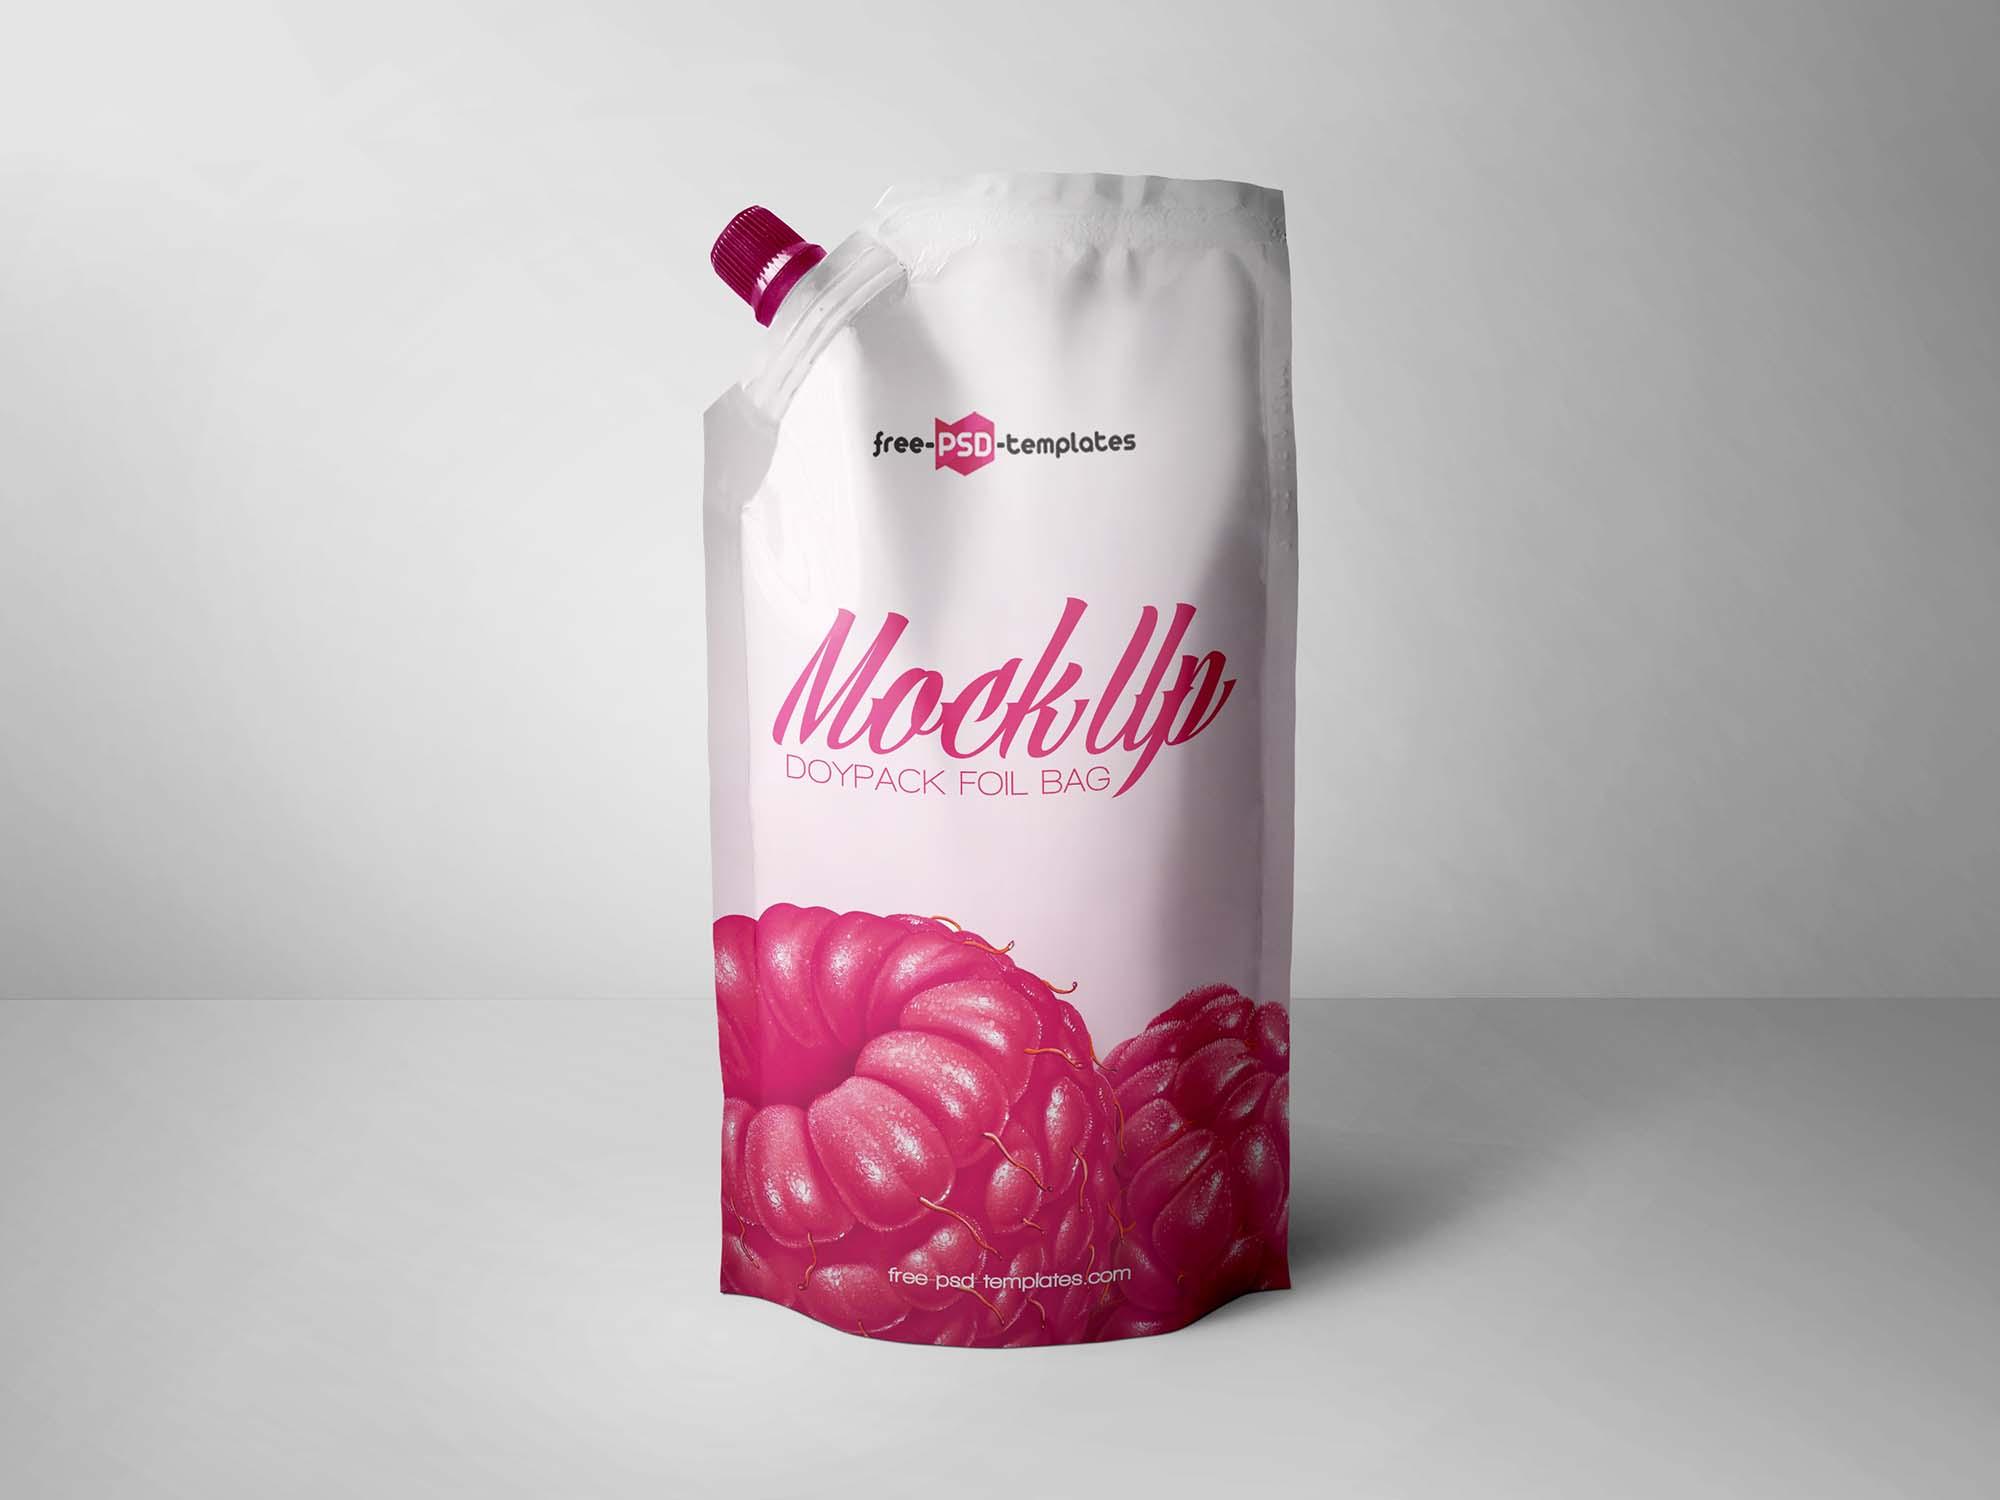 Doypack Foil Bag Mockup